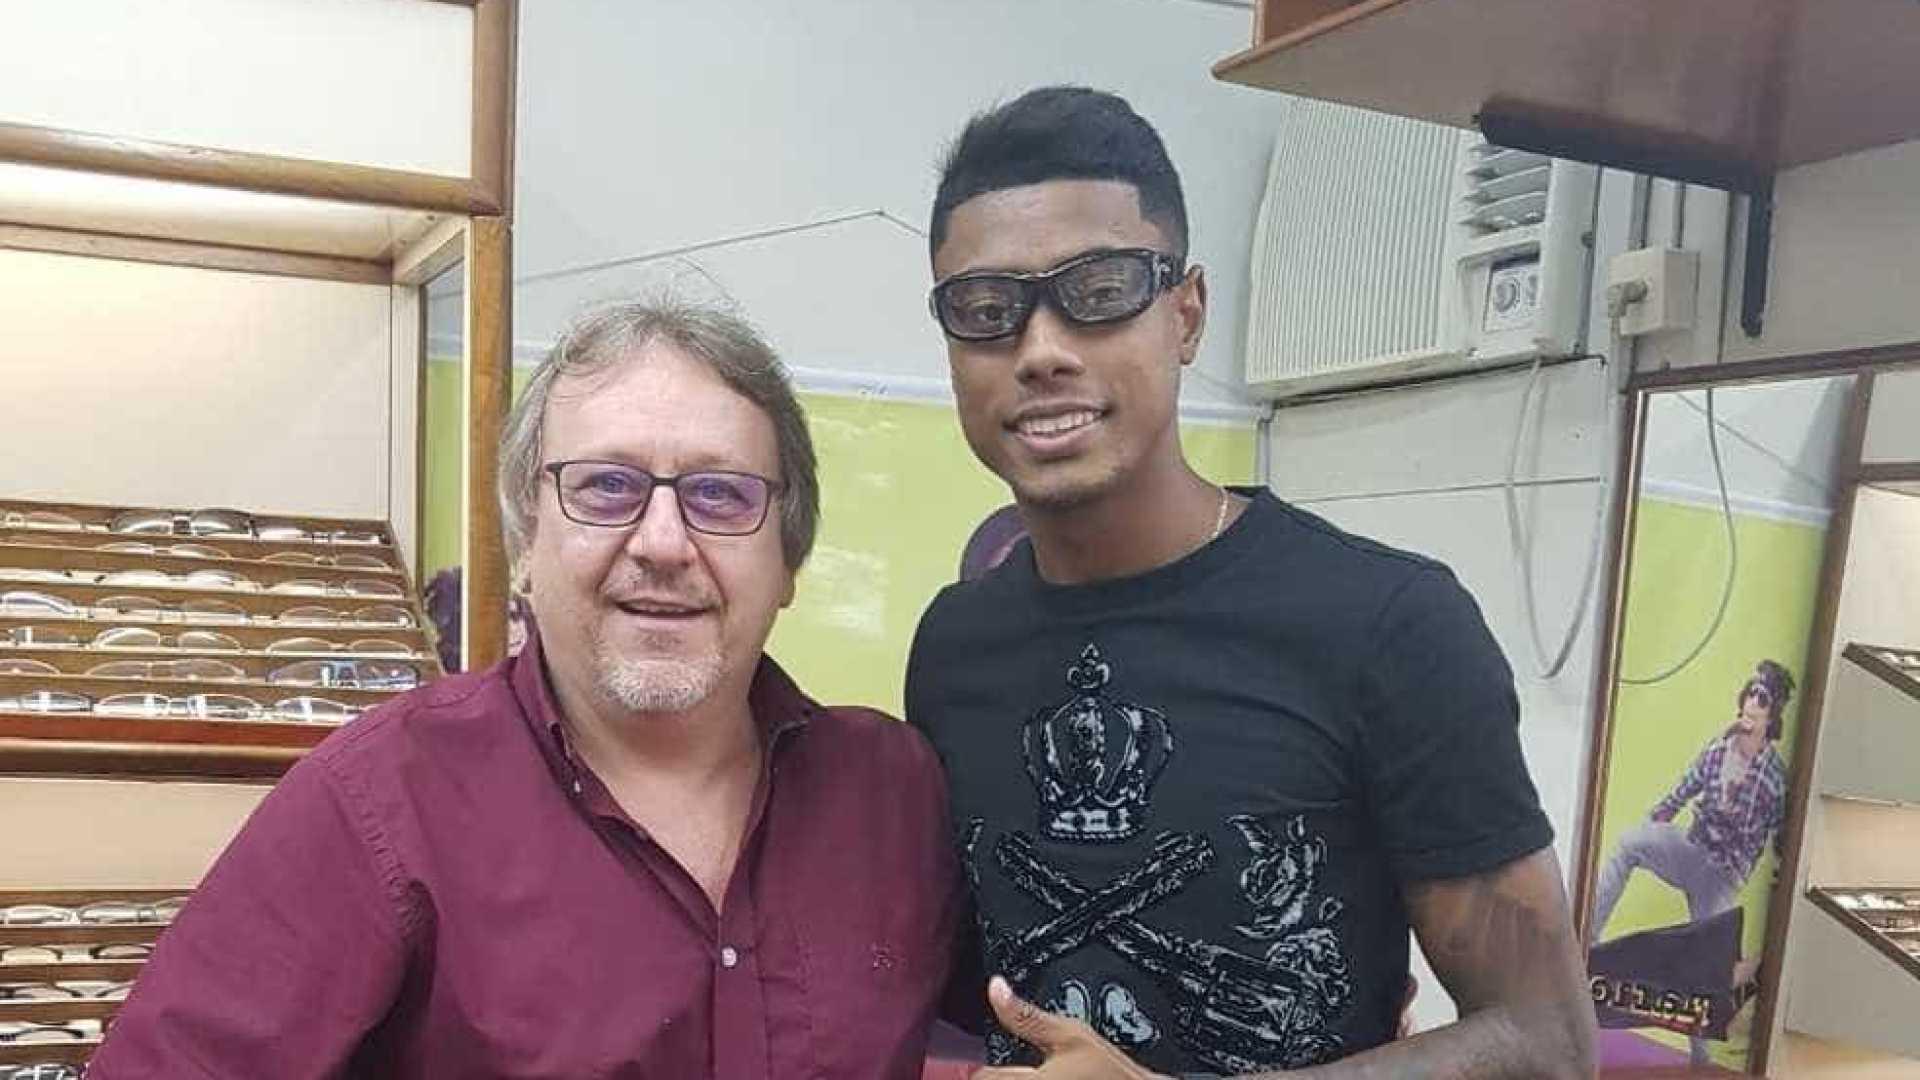 naom 5a7dc21ddad4a - Jogador do Santos diz que pode 'perder a visão' após lesão